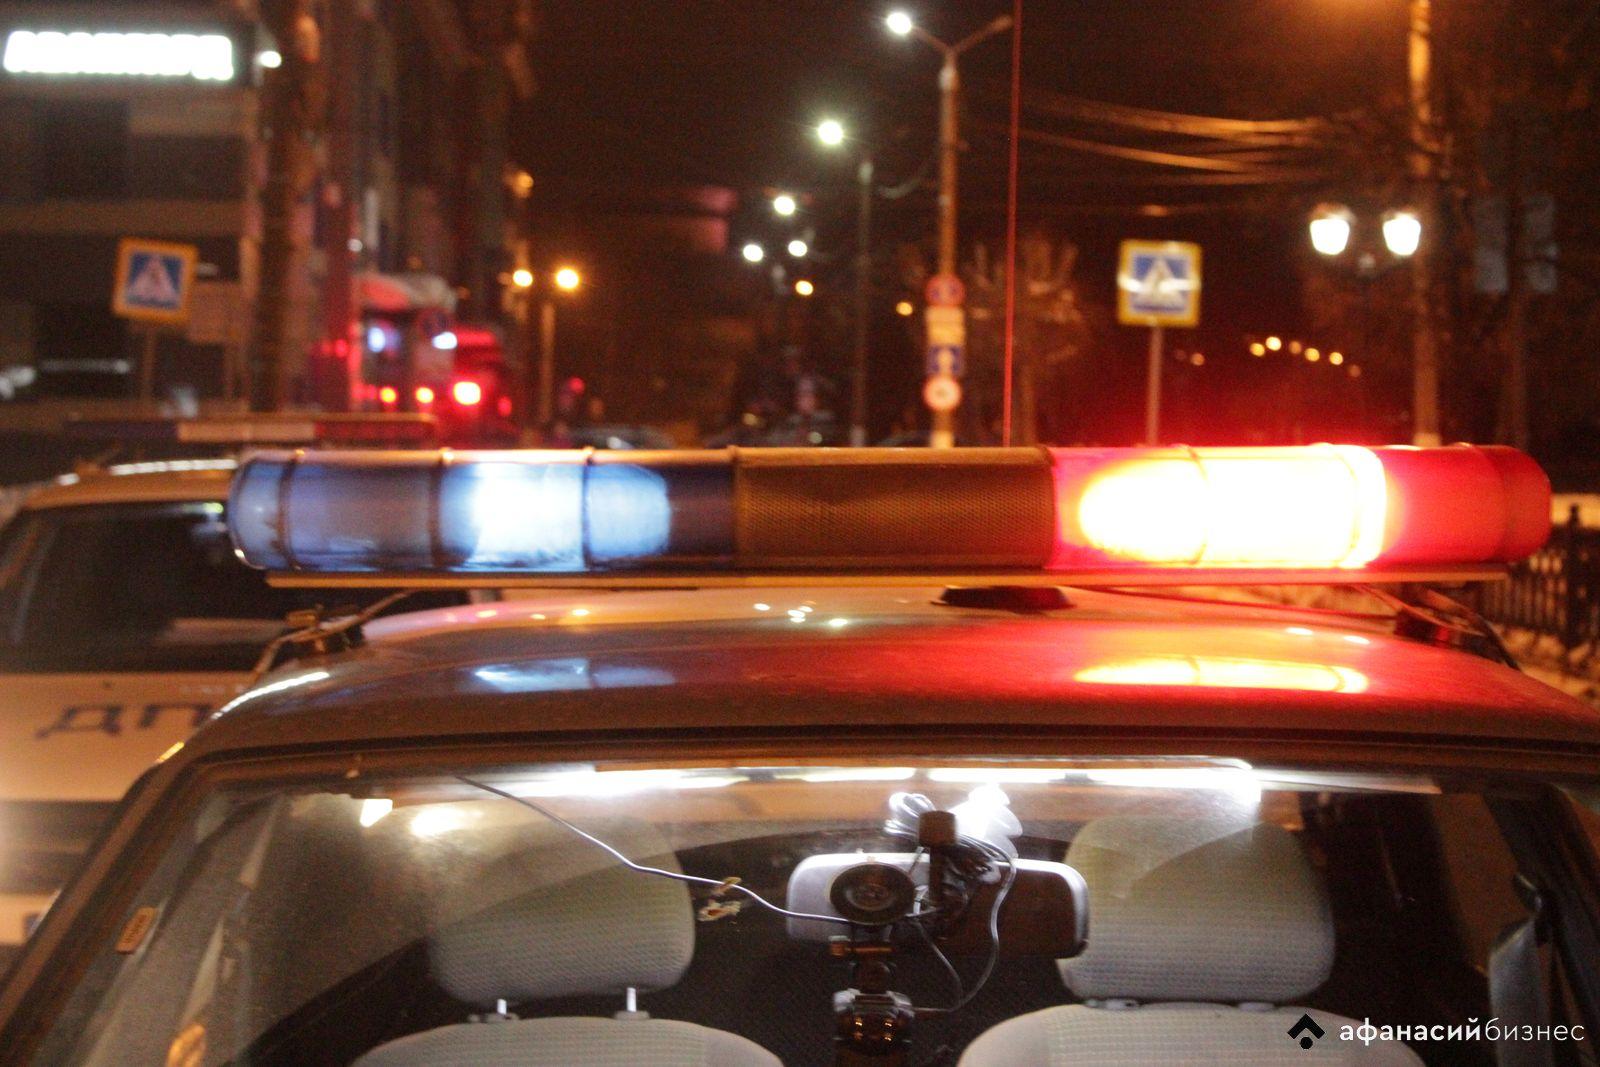 Решивший съездить за спиртным пьяный житель Тверской области попал в ДТП на чужой машине - новости Афанасий